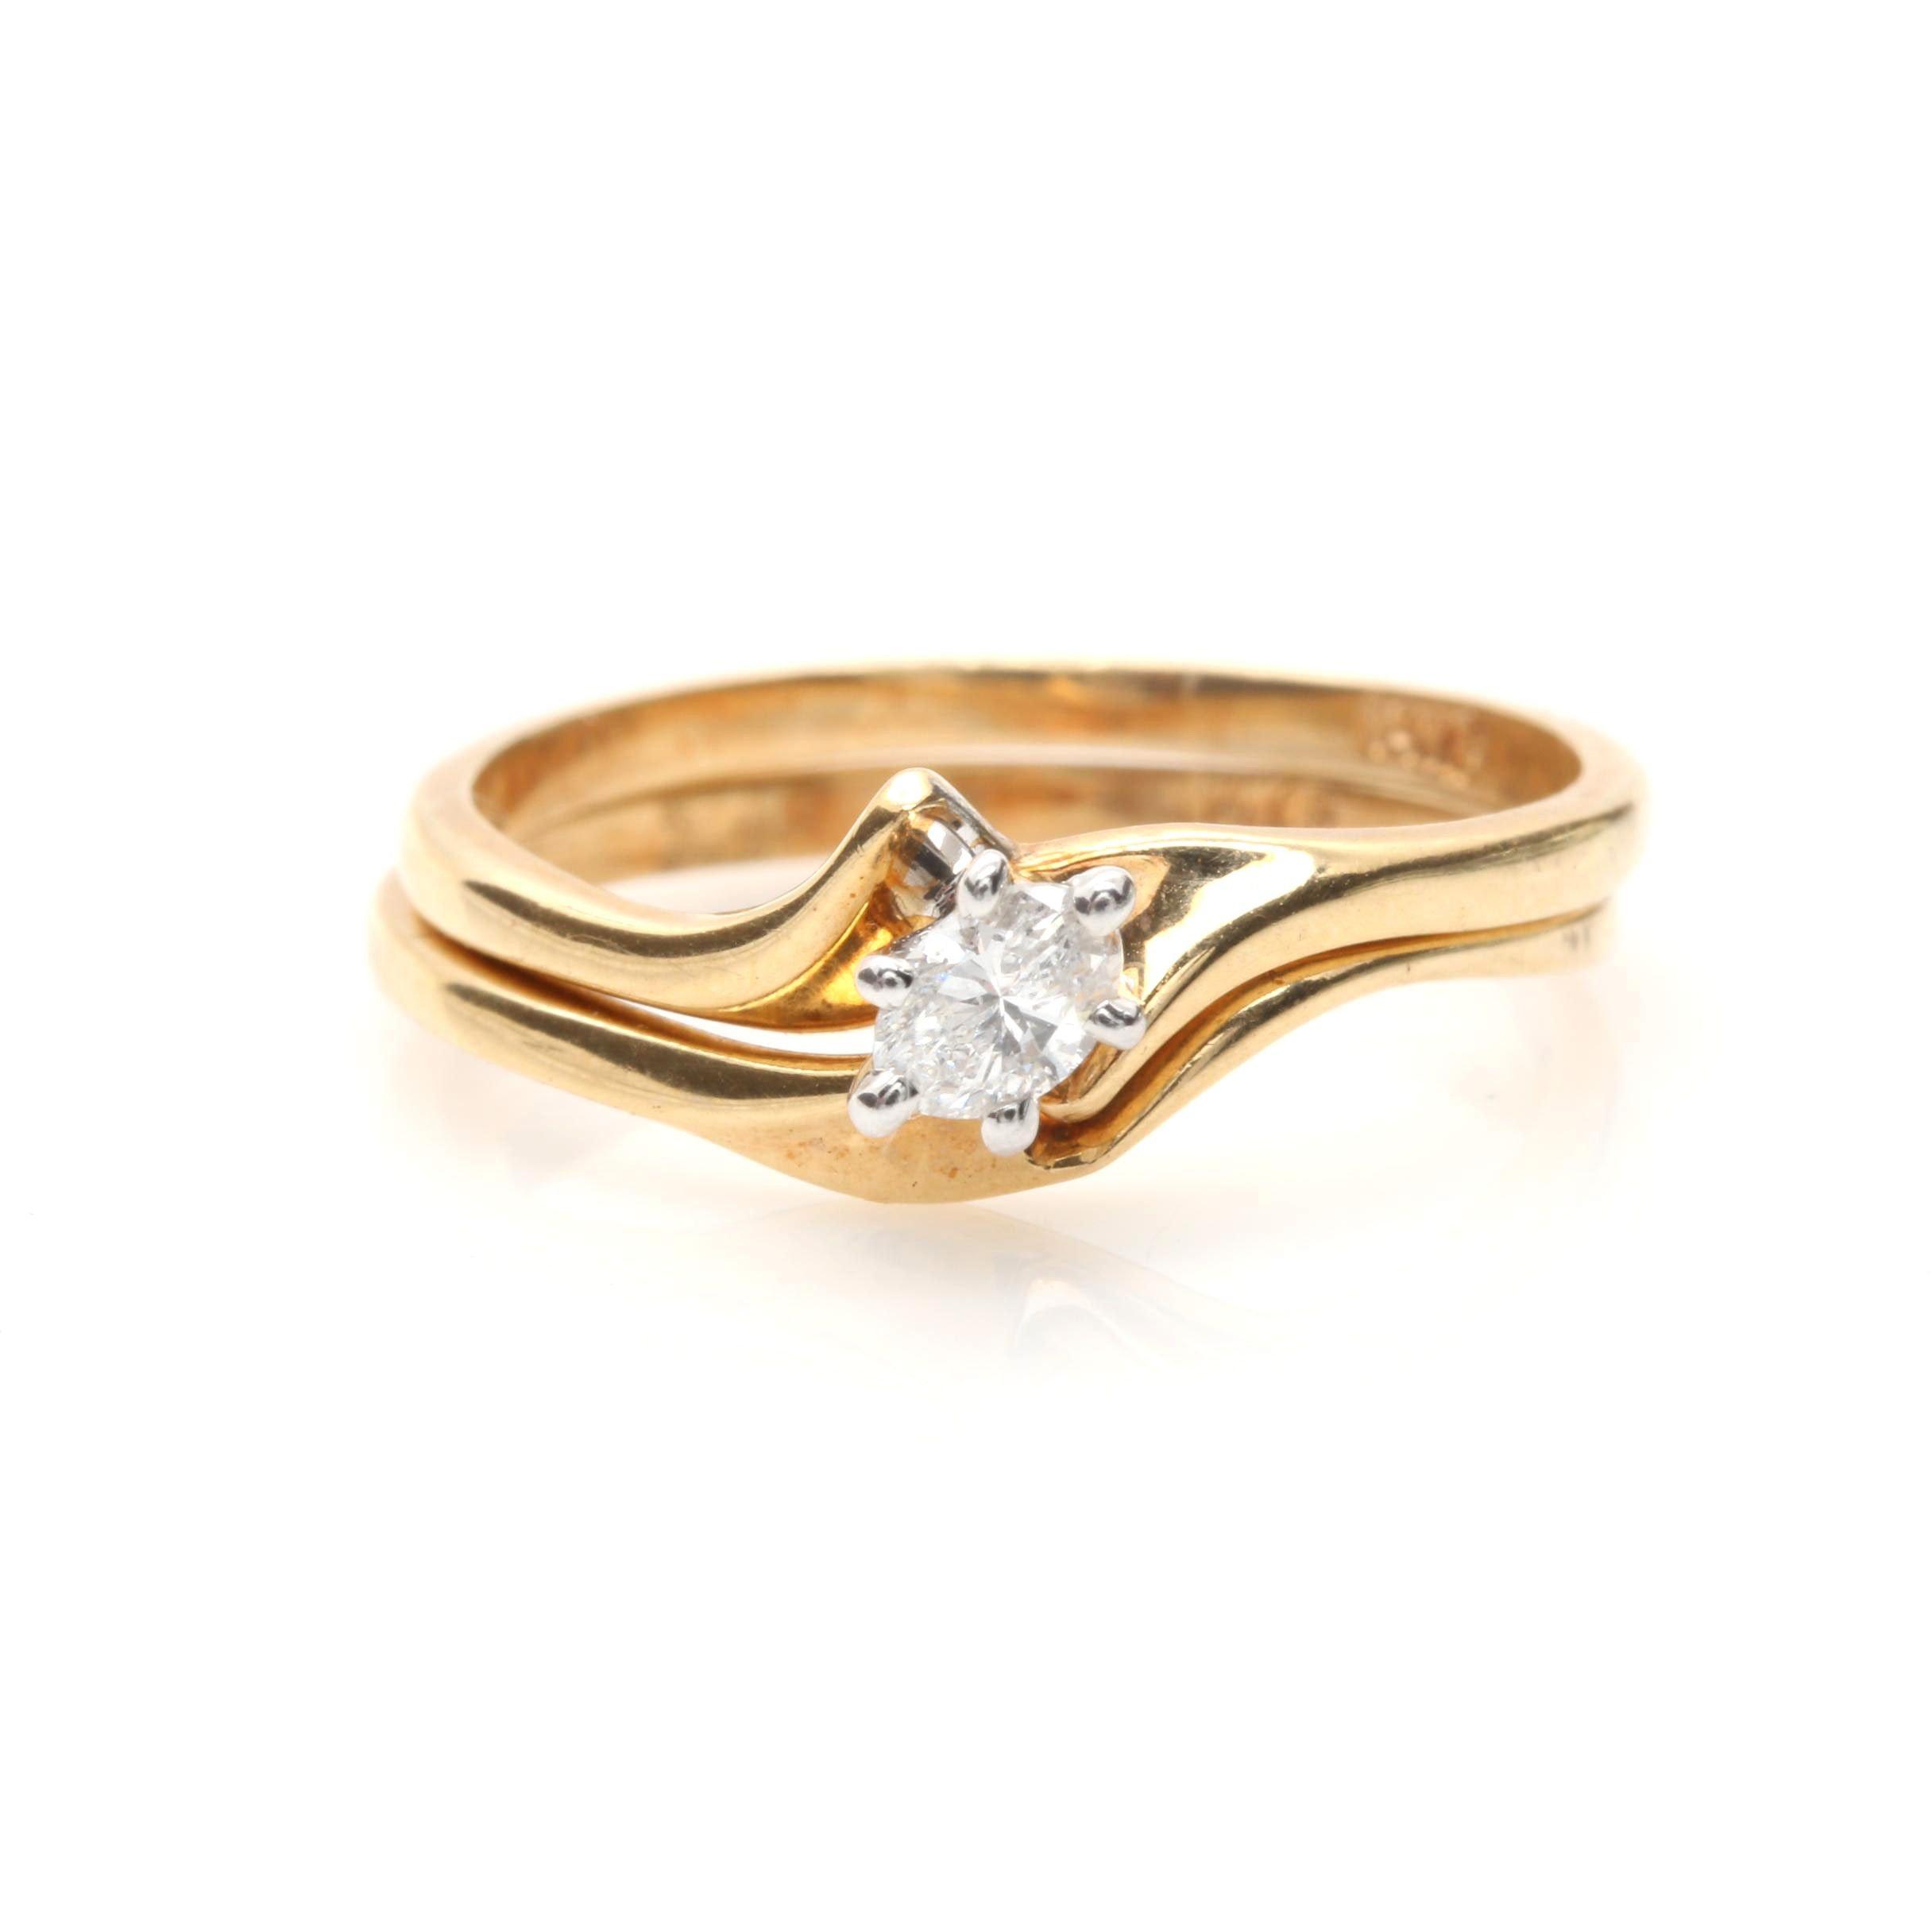 14K Yellow Gold Diamond Nesting Rings